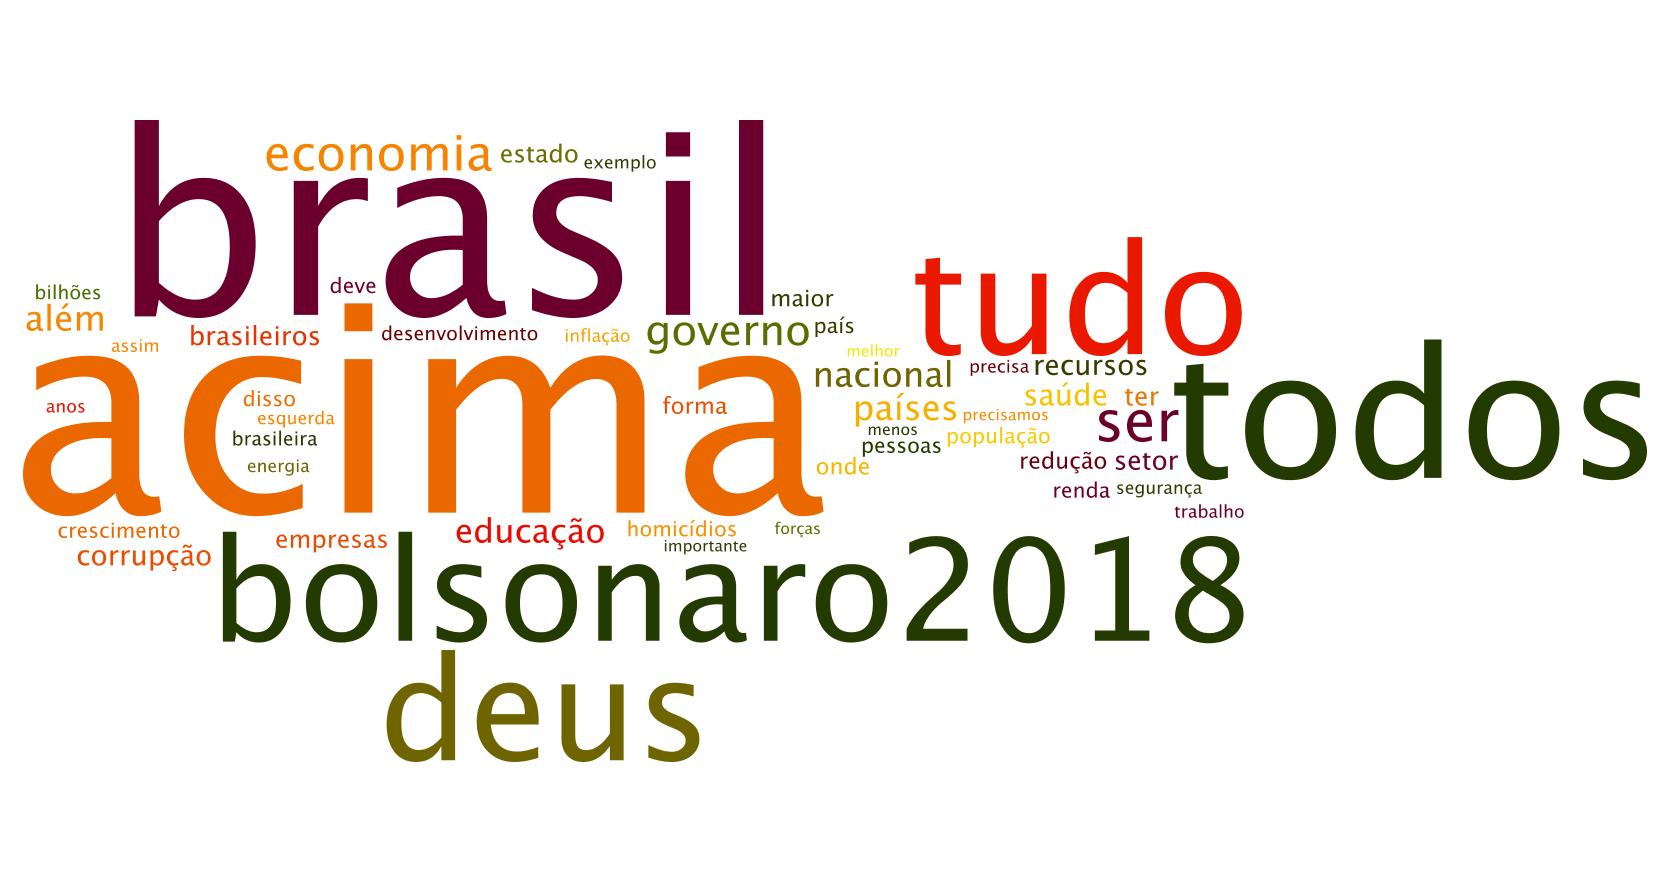 programa governo jair bolsonaro